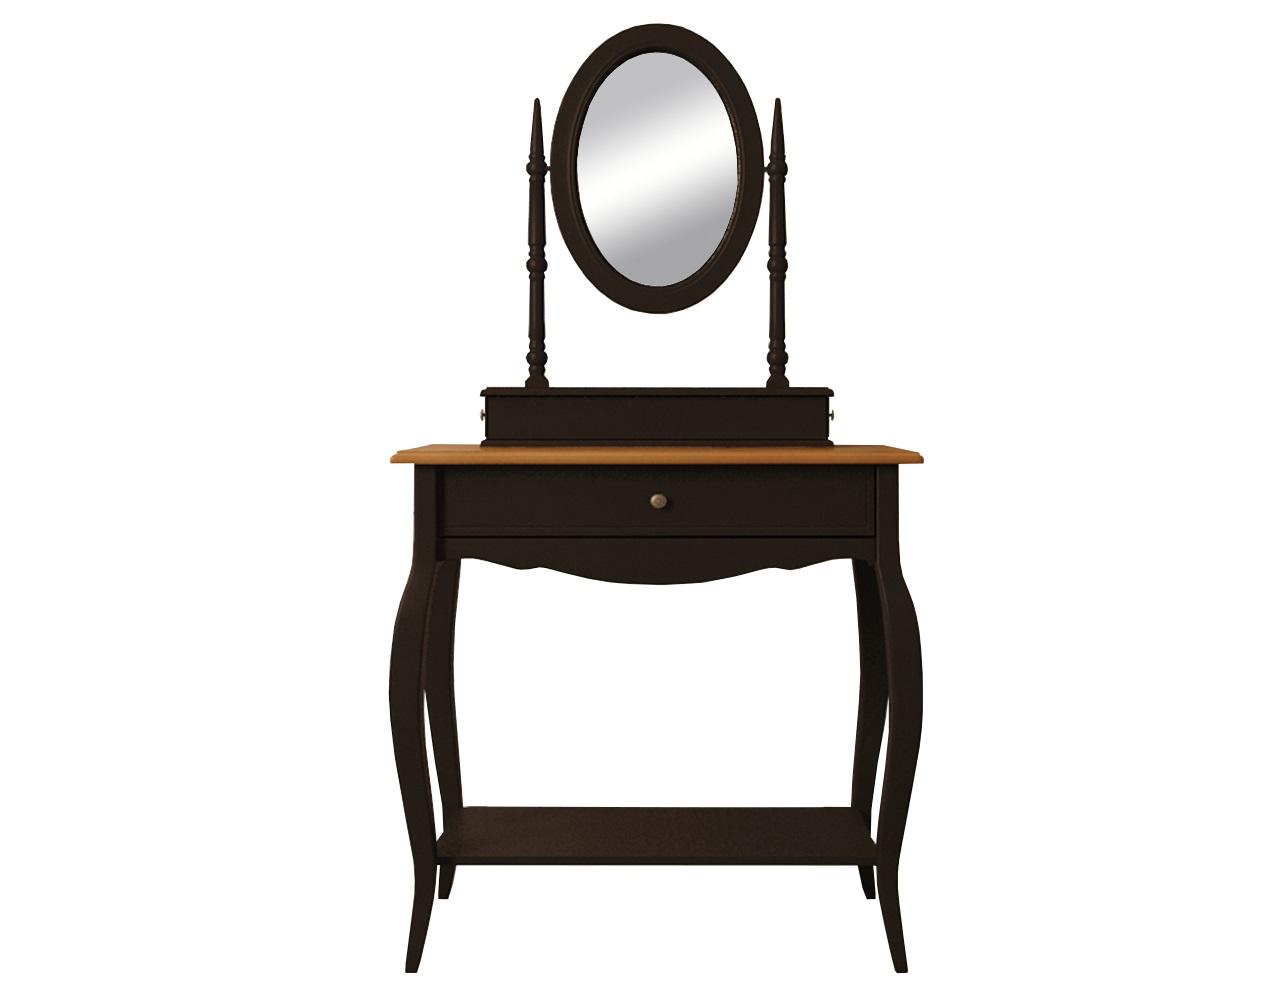 Туалетный столик Leontina BlackТуалетные столики<br>Материал: массив березы, массив ясеня.<br><br>Material: Береза<br>Ширина см: 70.0<br>Высота см: 142.0<br>Глубина см: 40.0